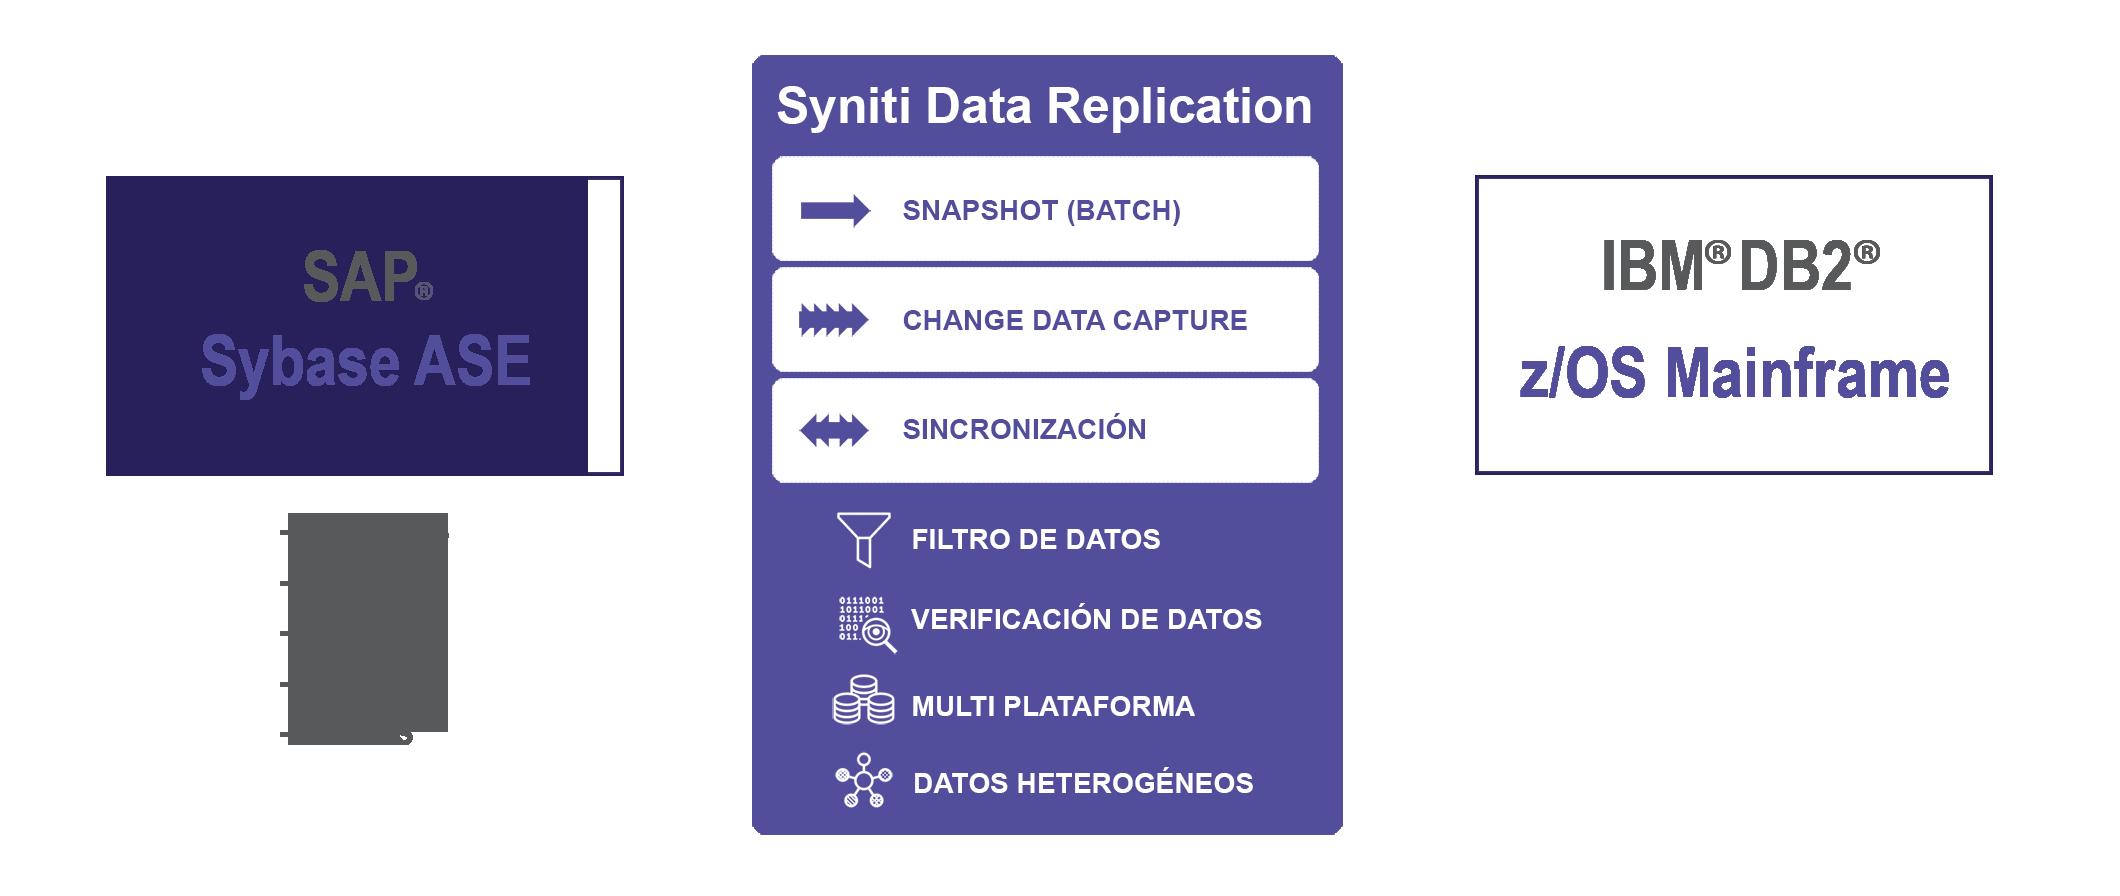 Replicación de datos desde SAP ASE a DB2 z/OS en tiempo real